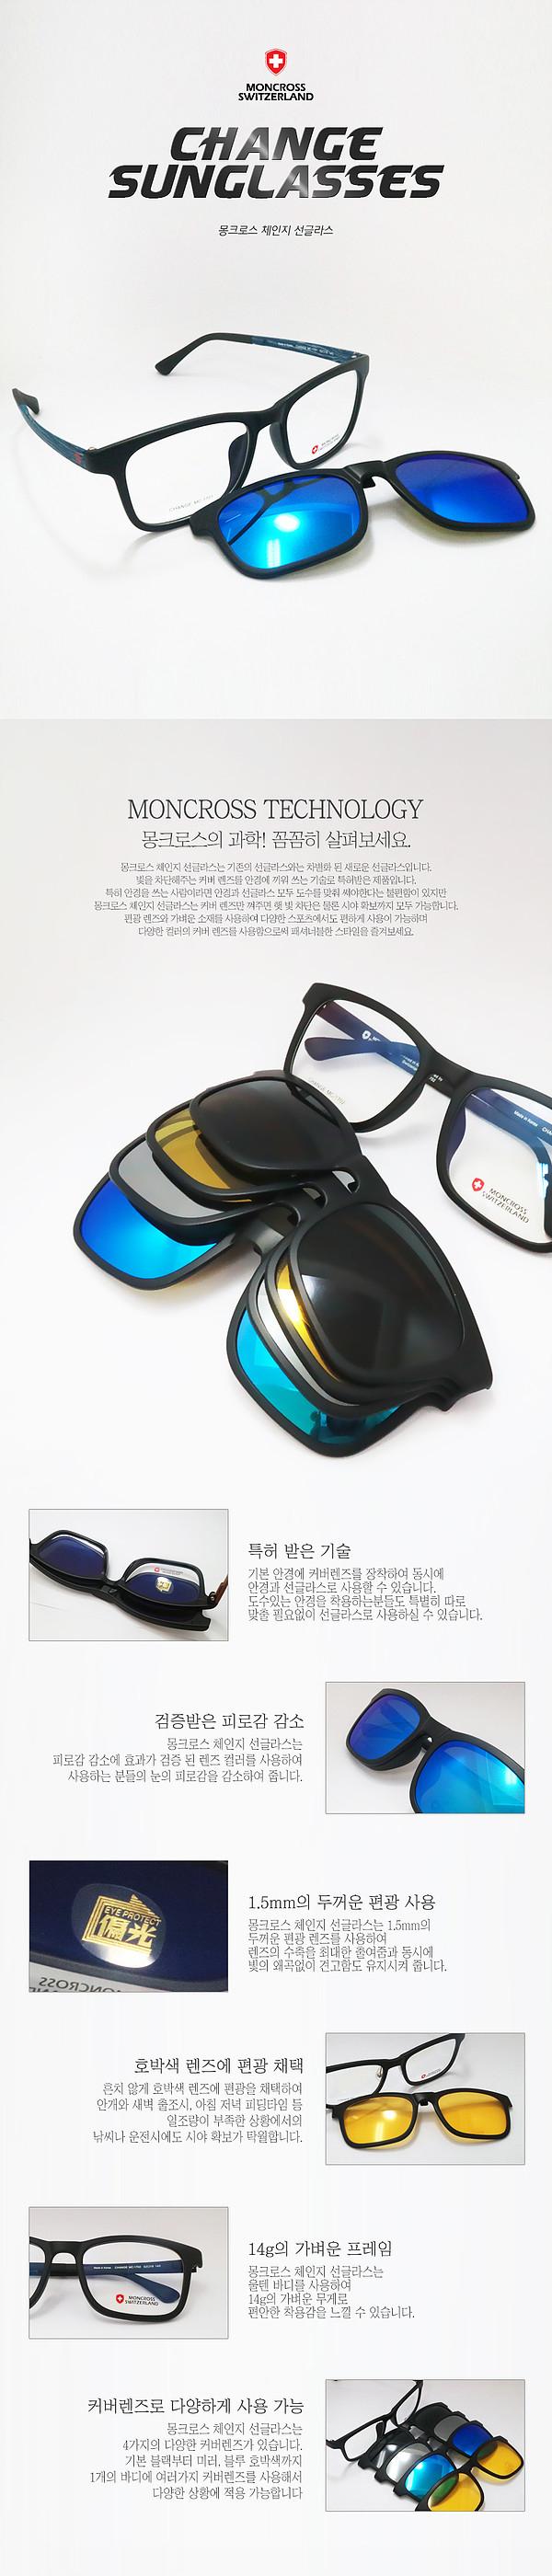 몽크로스 체인지 선글라스 세트 (안경착용자를 위한 편광선글라스) 도수편광안경 커버렌즈 체인지글라스 커버글라스 도수안경 안경착용선글라스 안경착용편광선글라스 울텐바디 14g